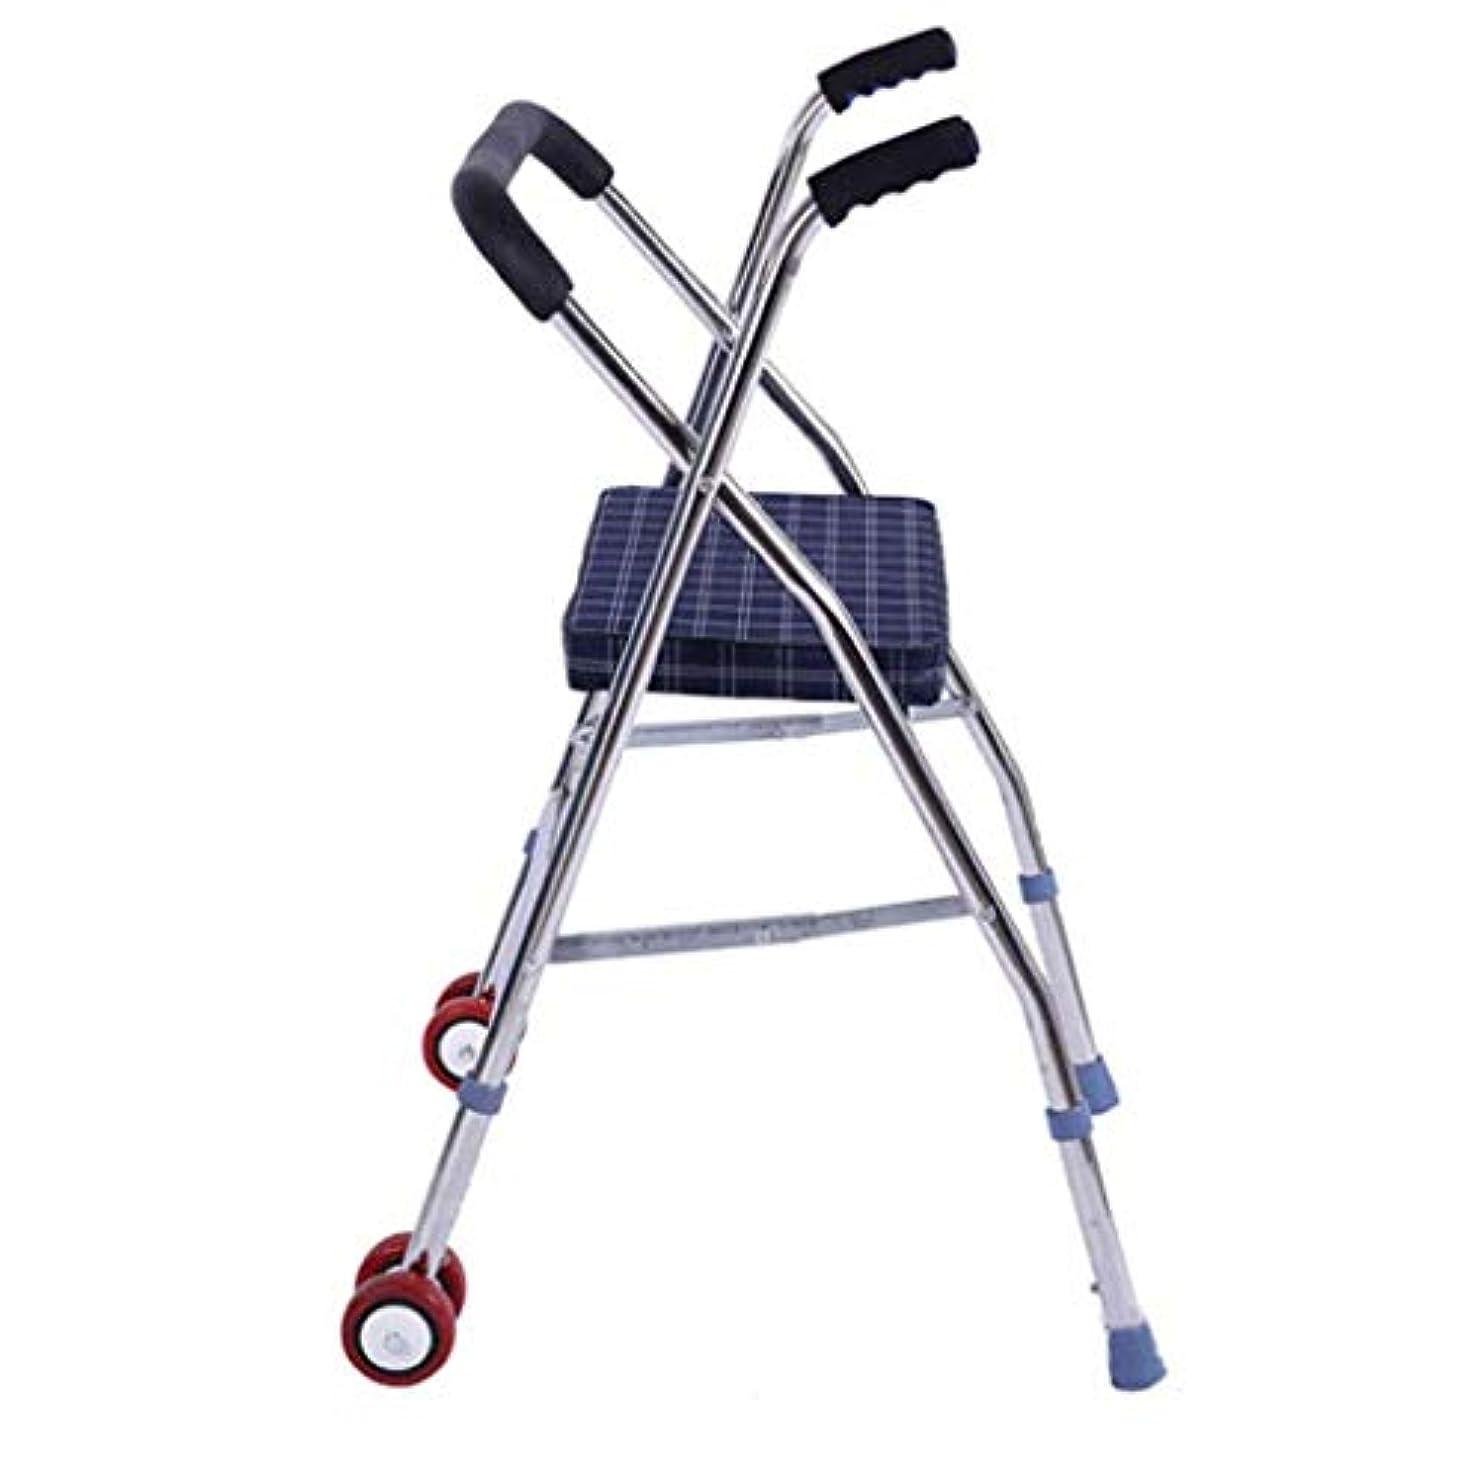 リーフレットビジター群衆年配の歩行者、ステンレス鋼の動かされた歩行者調節可能な高さの折り畳み式の軽量の歩行者補助歩行者